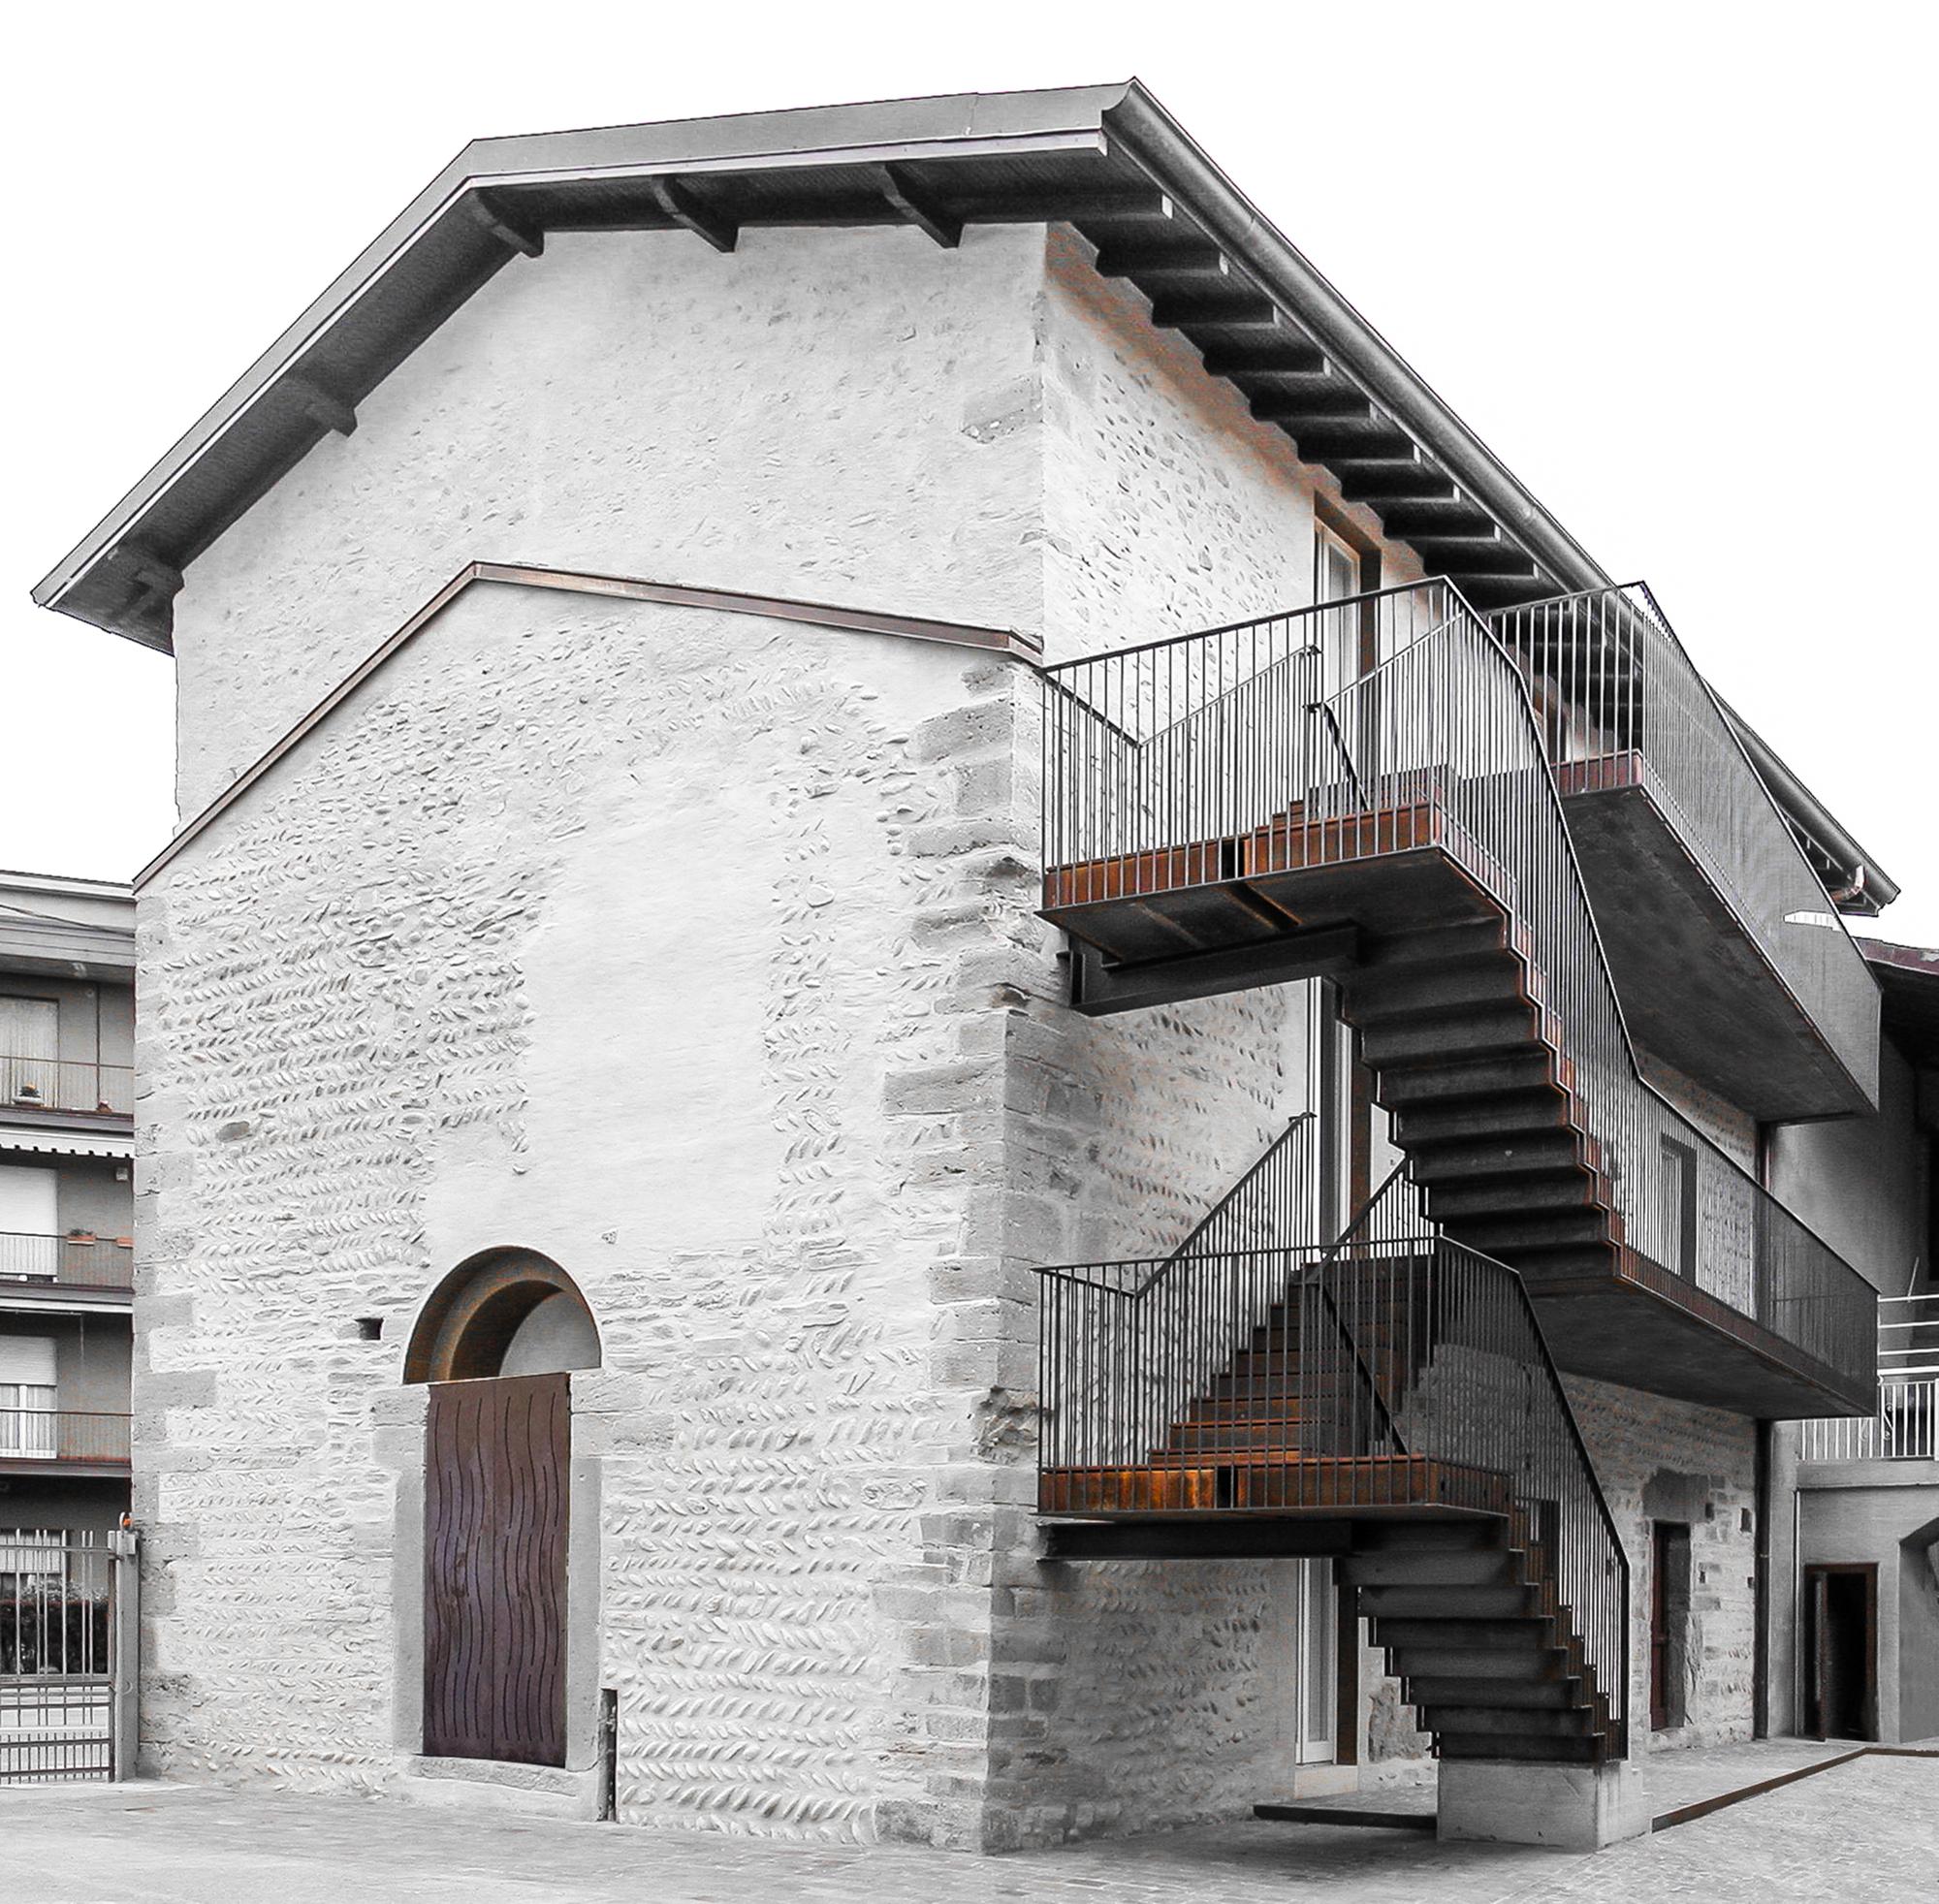 Restauración del Monasterio San Giuliano / CN10 architetti